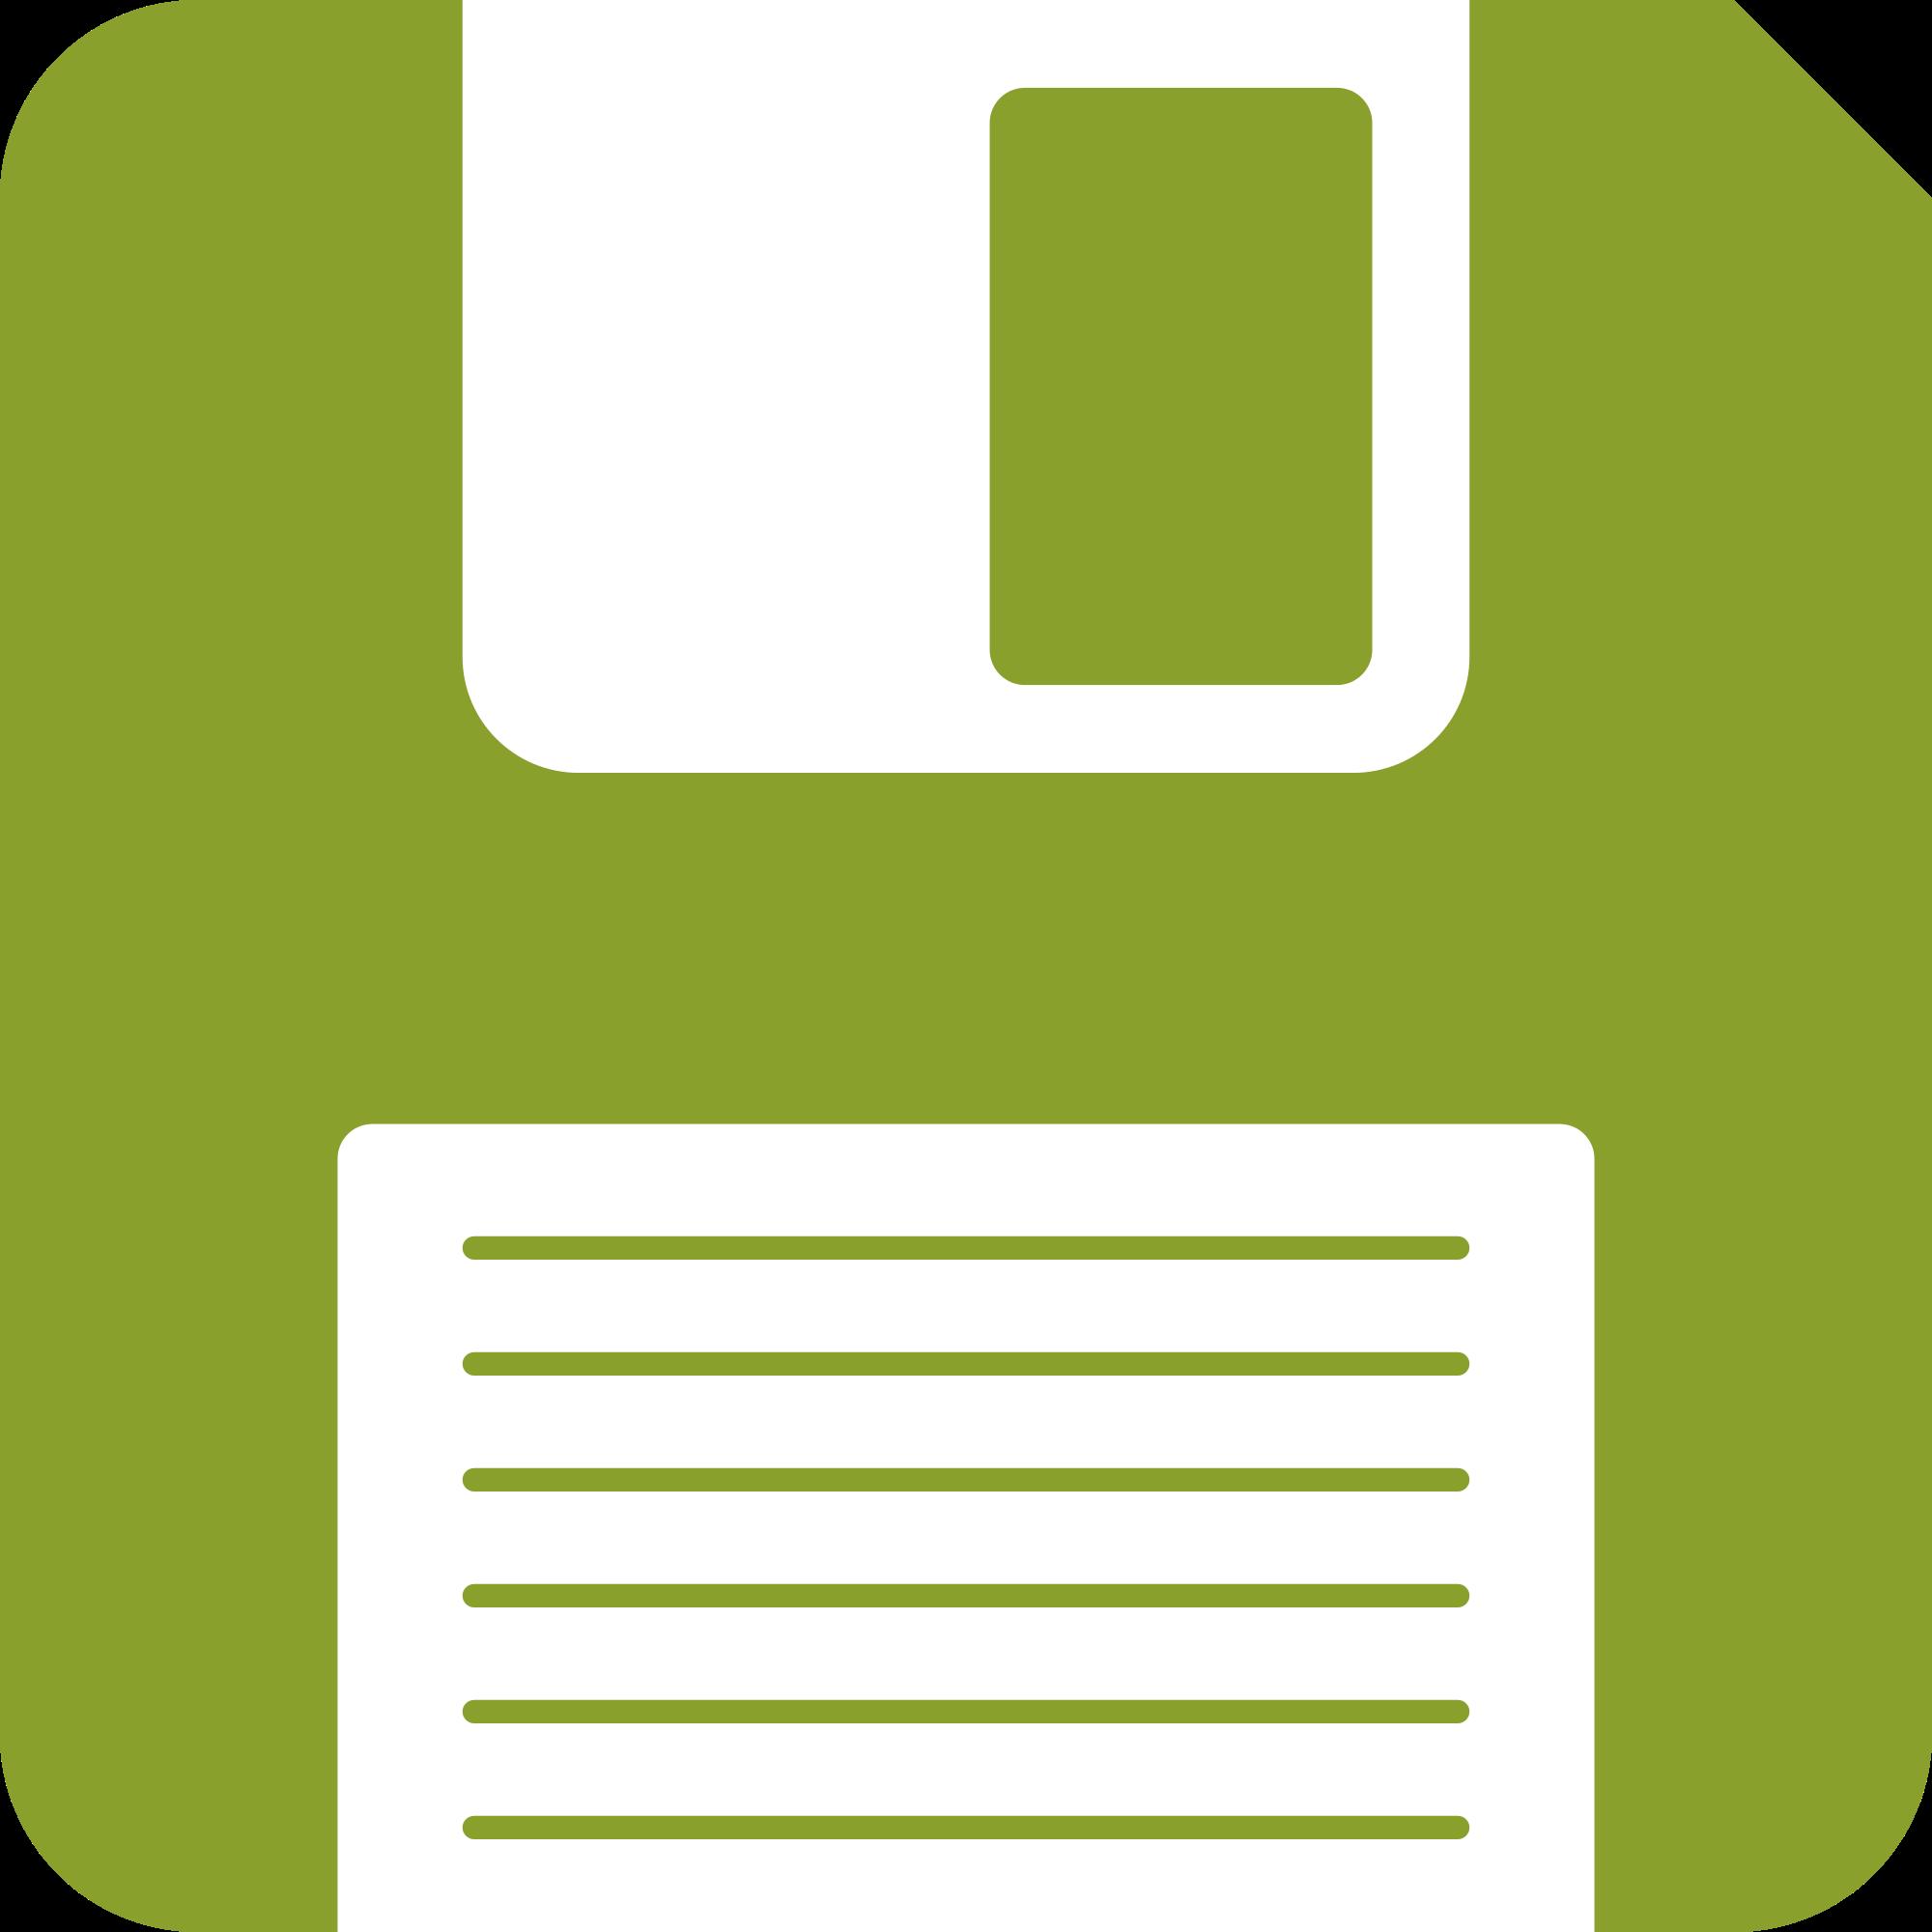 2000x2000 Filegreen Floppy Disk Graphic Svg.svg